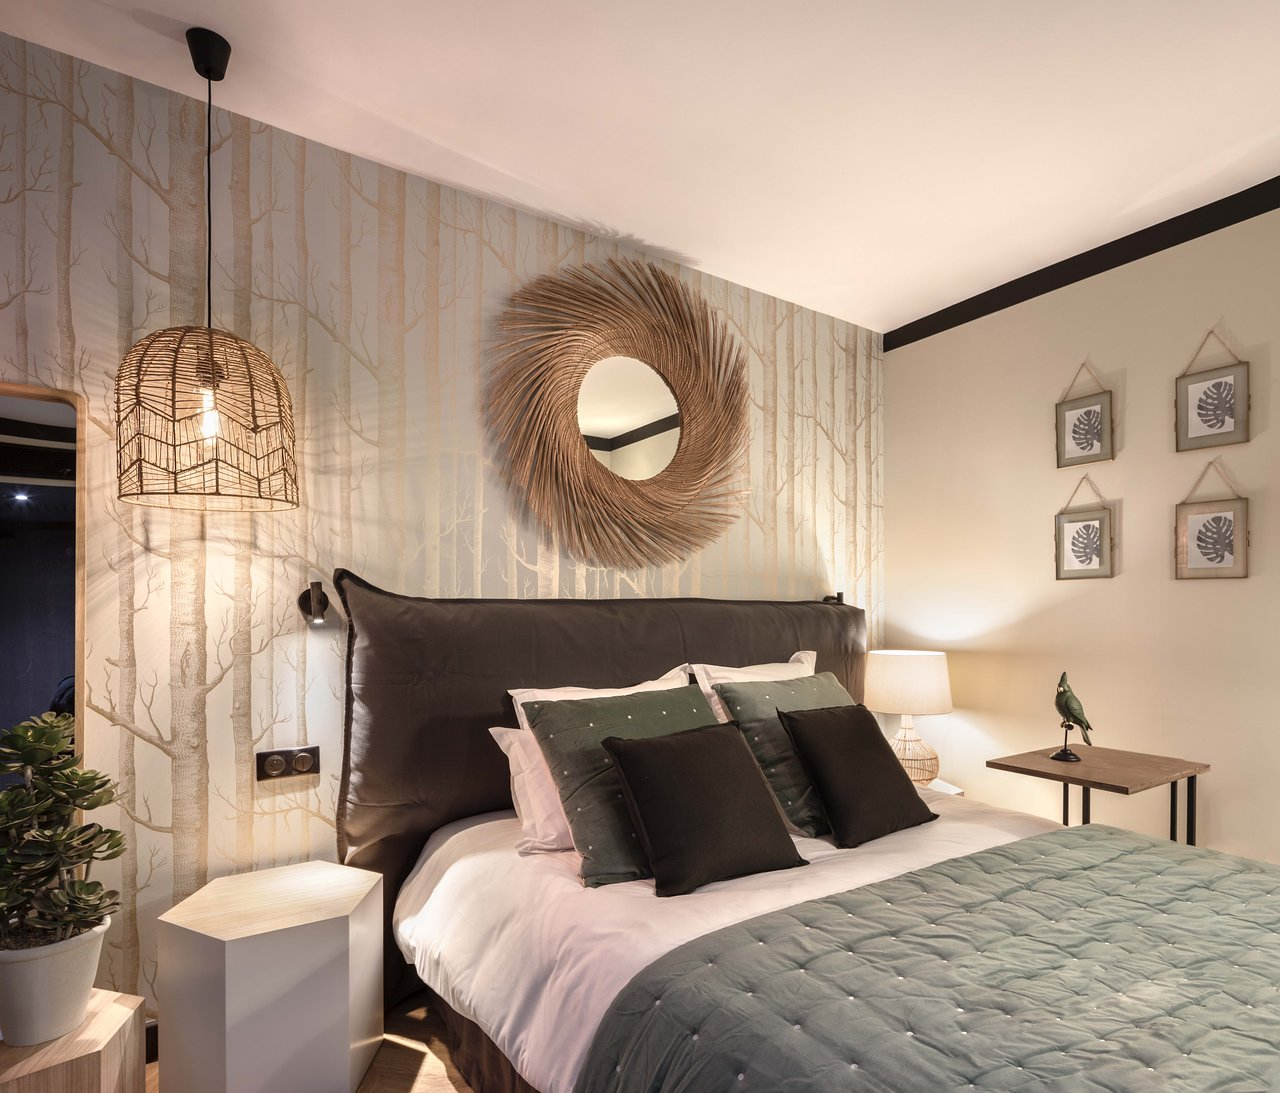 Maisons Du Monde Hotel Suites Nantes Tarifs 2020 Mis A